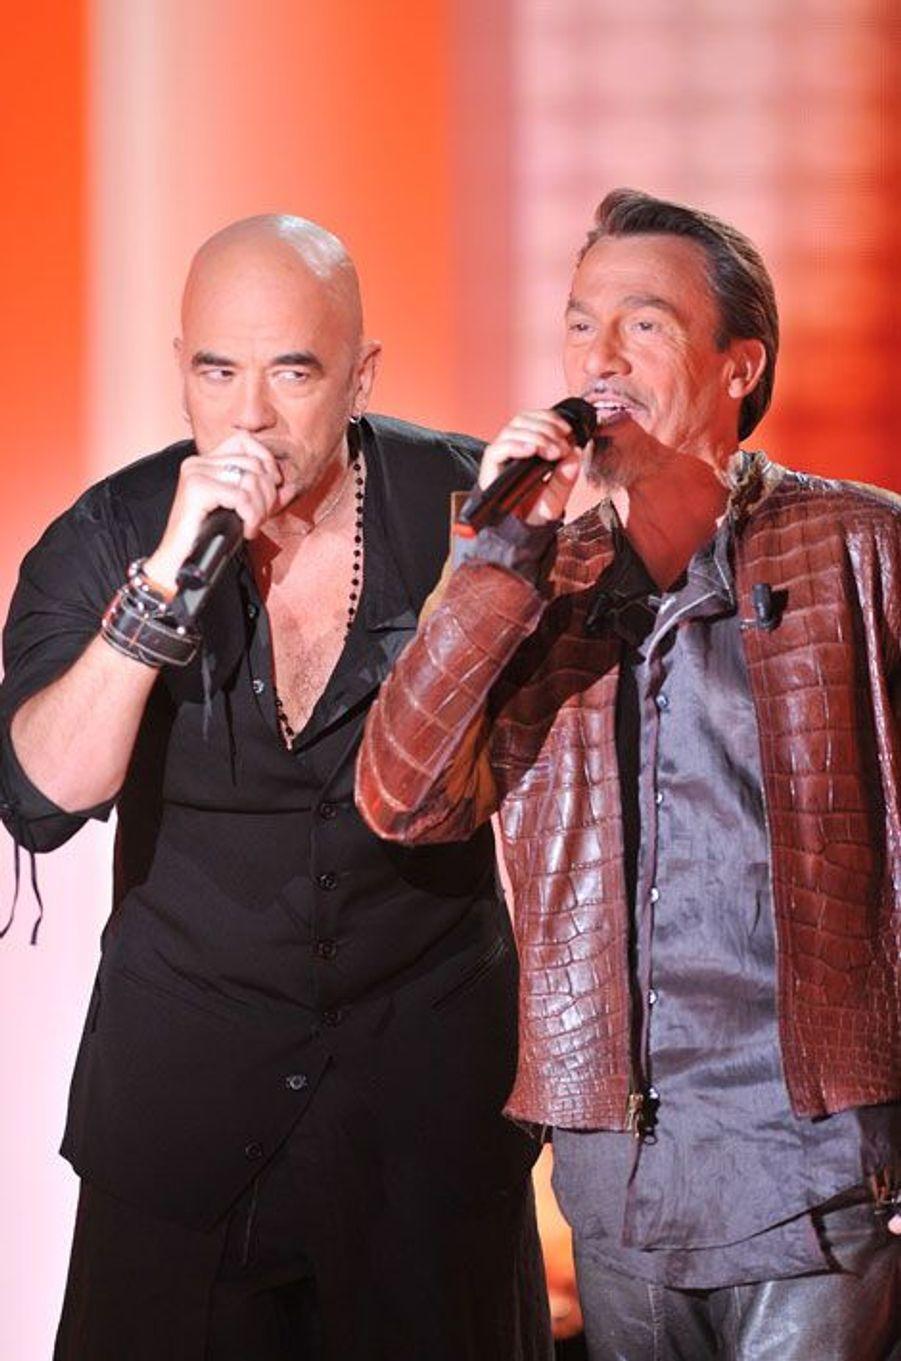 Florent Pagny et Pascal Obispo lors de l'enregistrement de Vivement Dimanche spécial Florent Pagny, sur France 2, le 3 mai 2011.